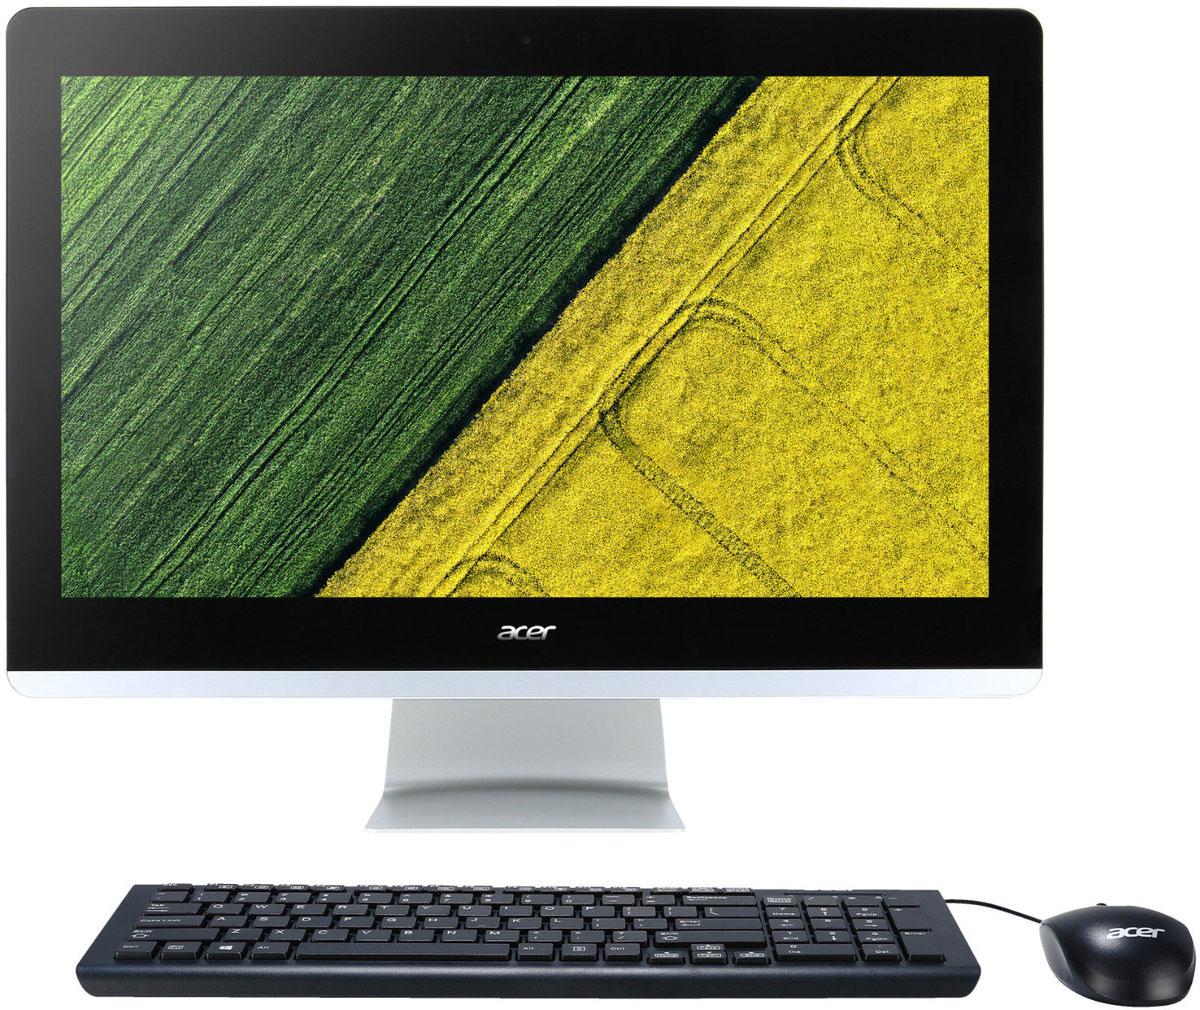 Acer Aspire Z22-780, Black моноблок (DQ.B82ER.004) - Настольные компьютеры и моноблоки